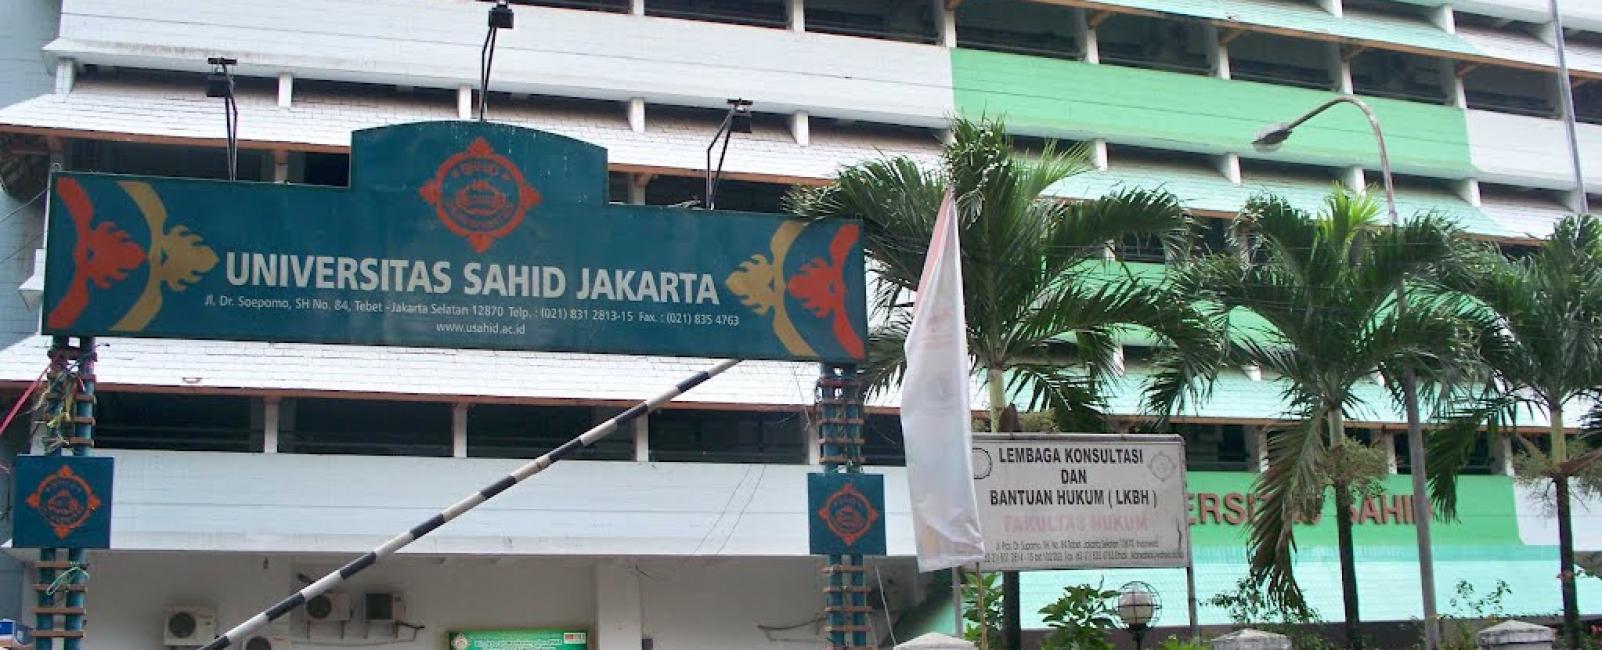 Universitas Sahid Jakarta